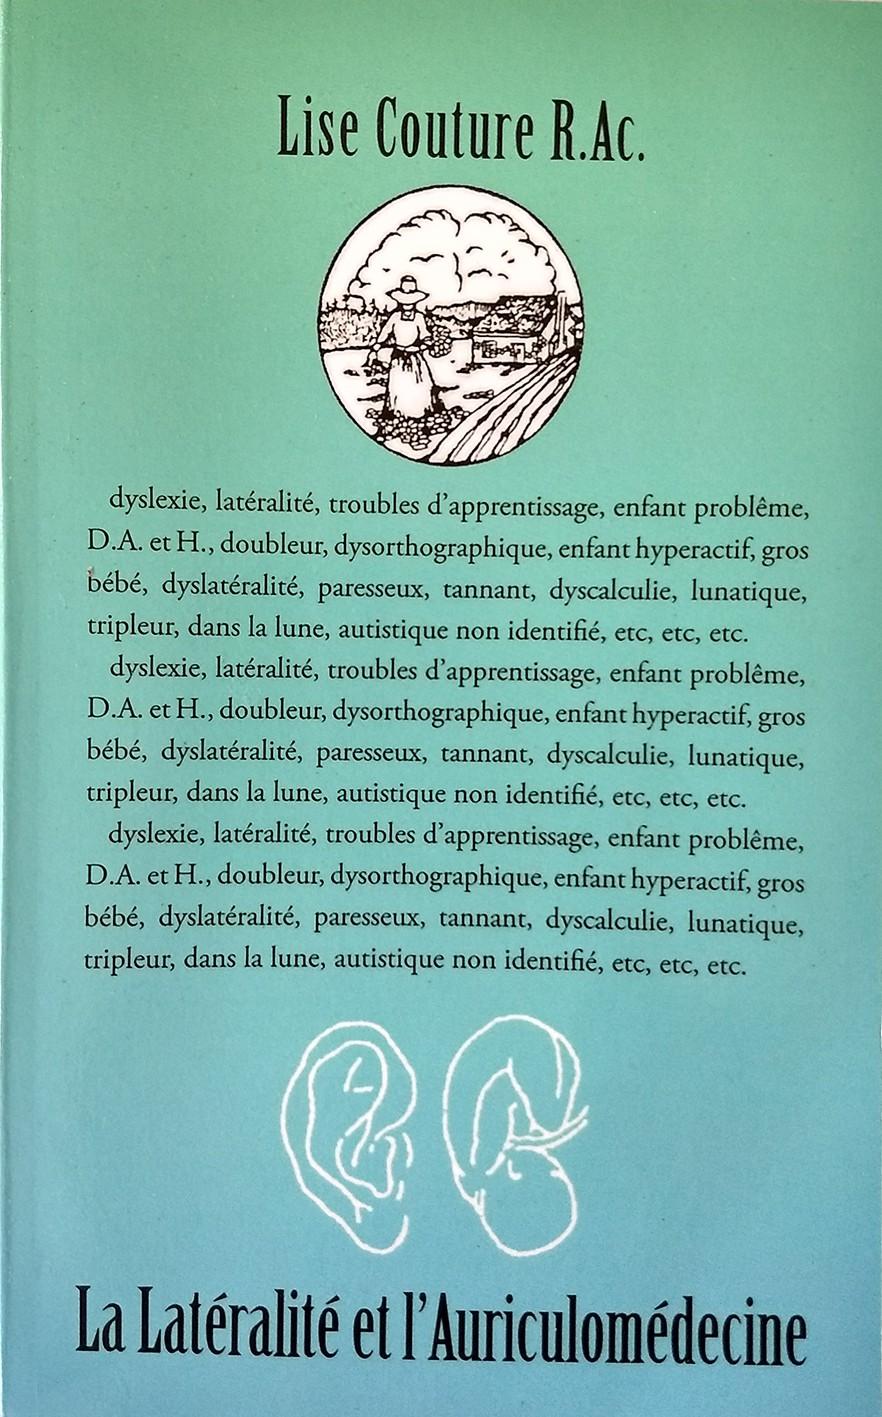 La Latéralité et L'auriculomédecine - Lise Couture-LILCOU-02-FR